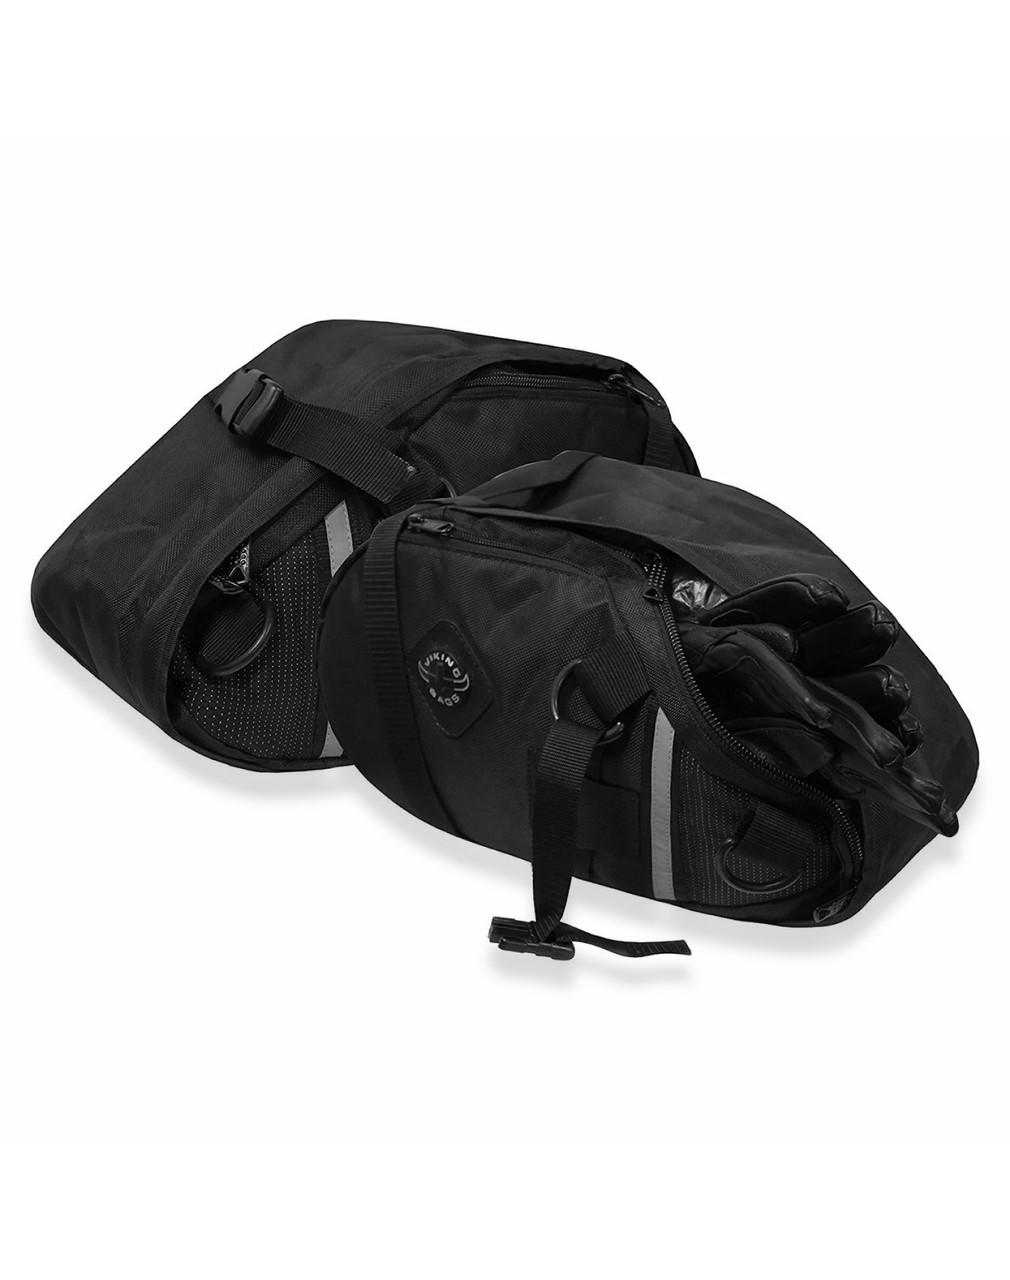 Viking Dirtman Medium Black Dirt Bike/Enduro Saddlebags Both bags View